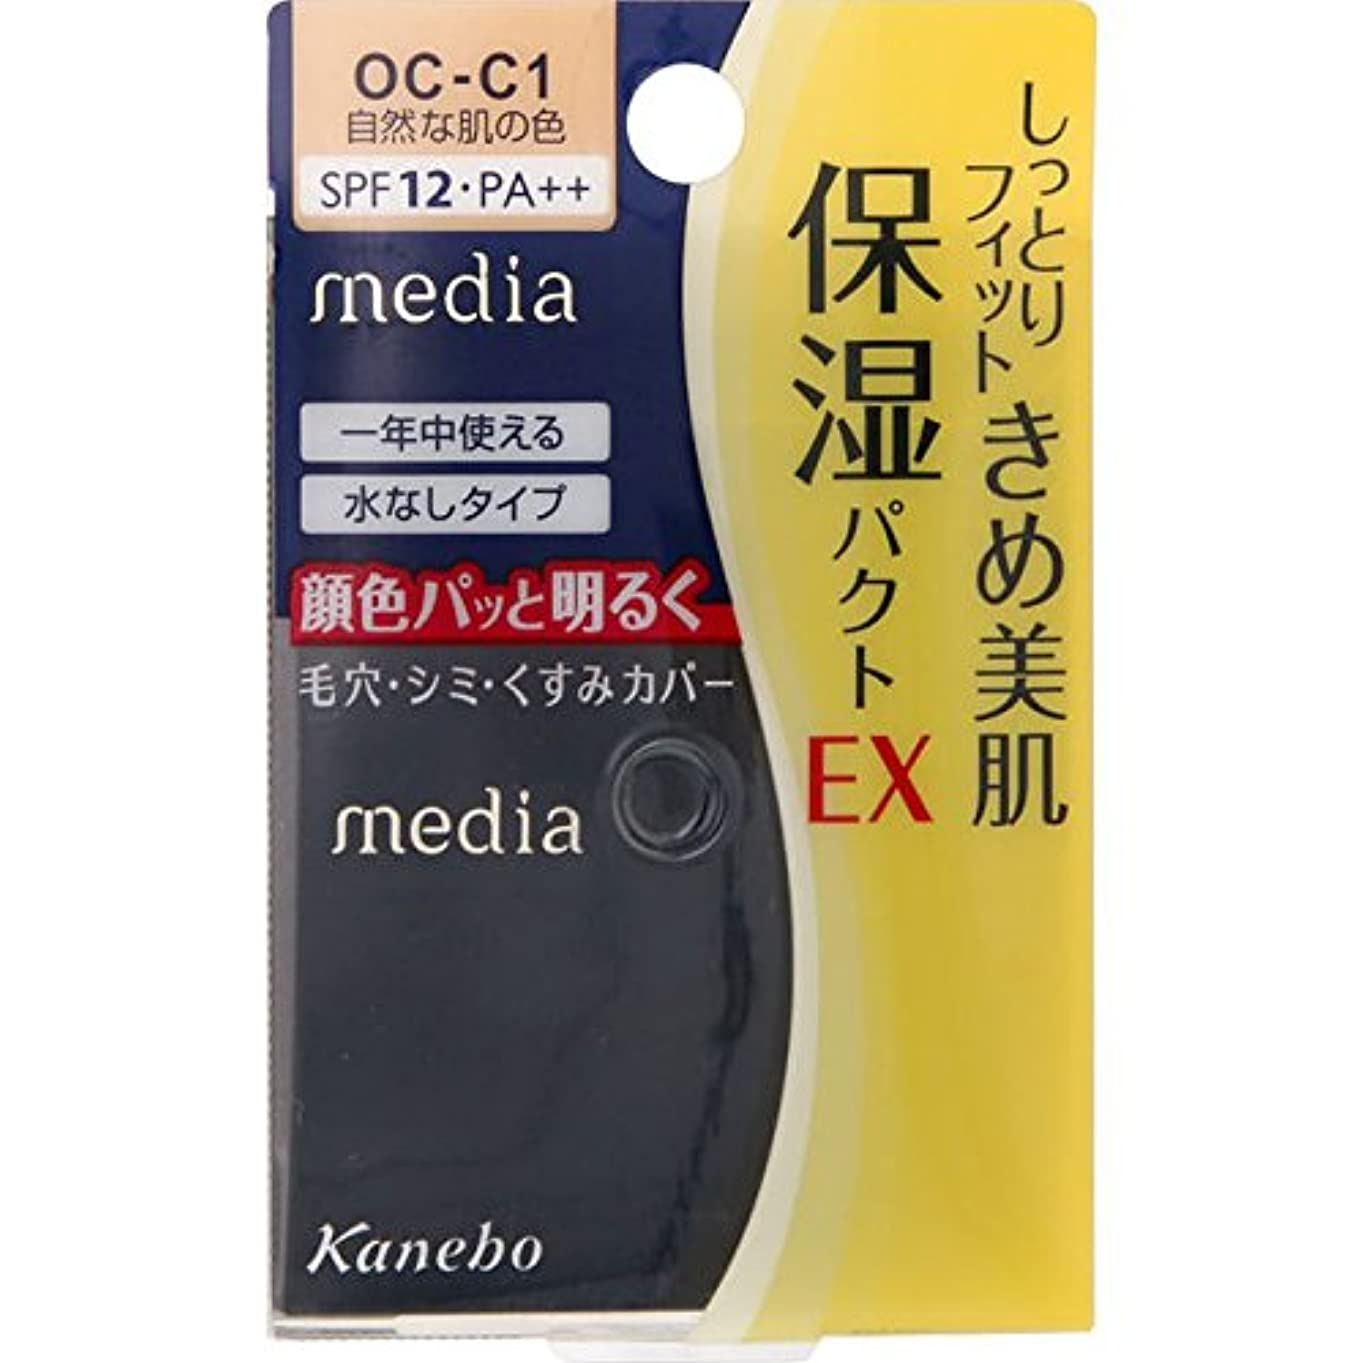 見分ける補体何十人もカネボウ メディア モイストフィットパクトEX OC-C1(11g)